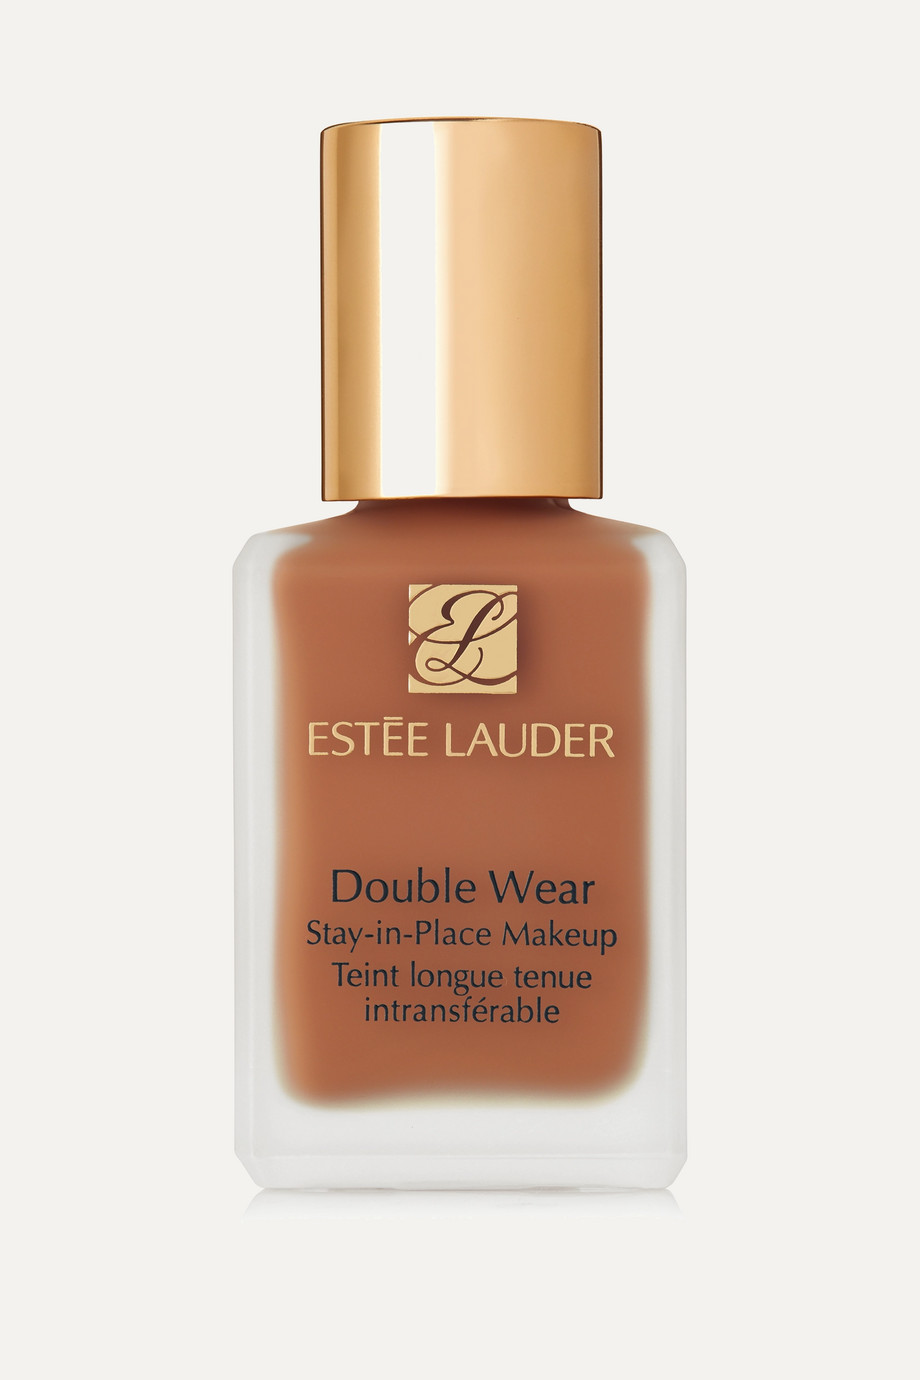 Estée Lauder Double Wear Stay-in-Place Makeup - Soft Tan 4C3